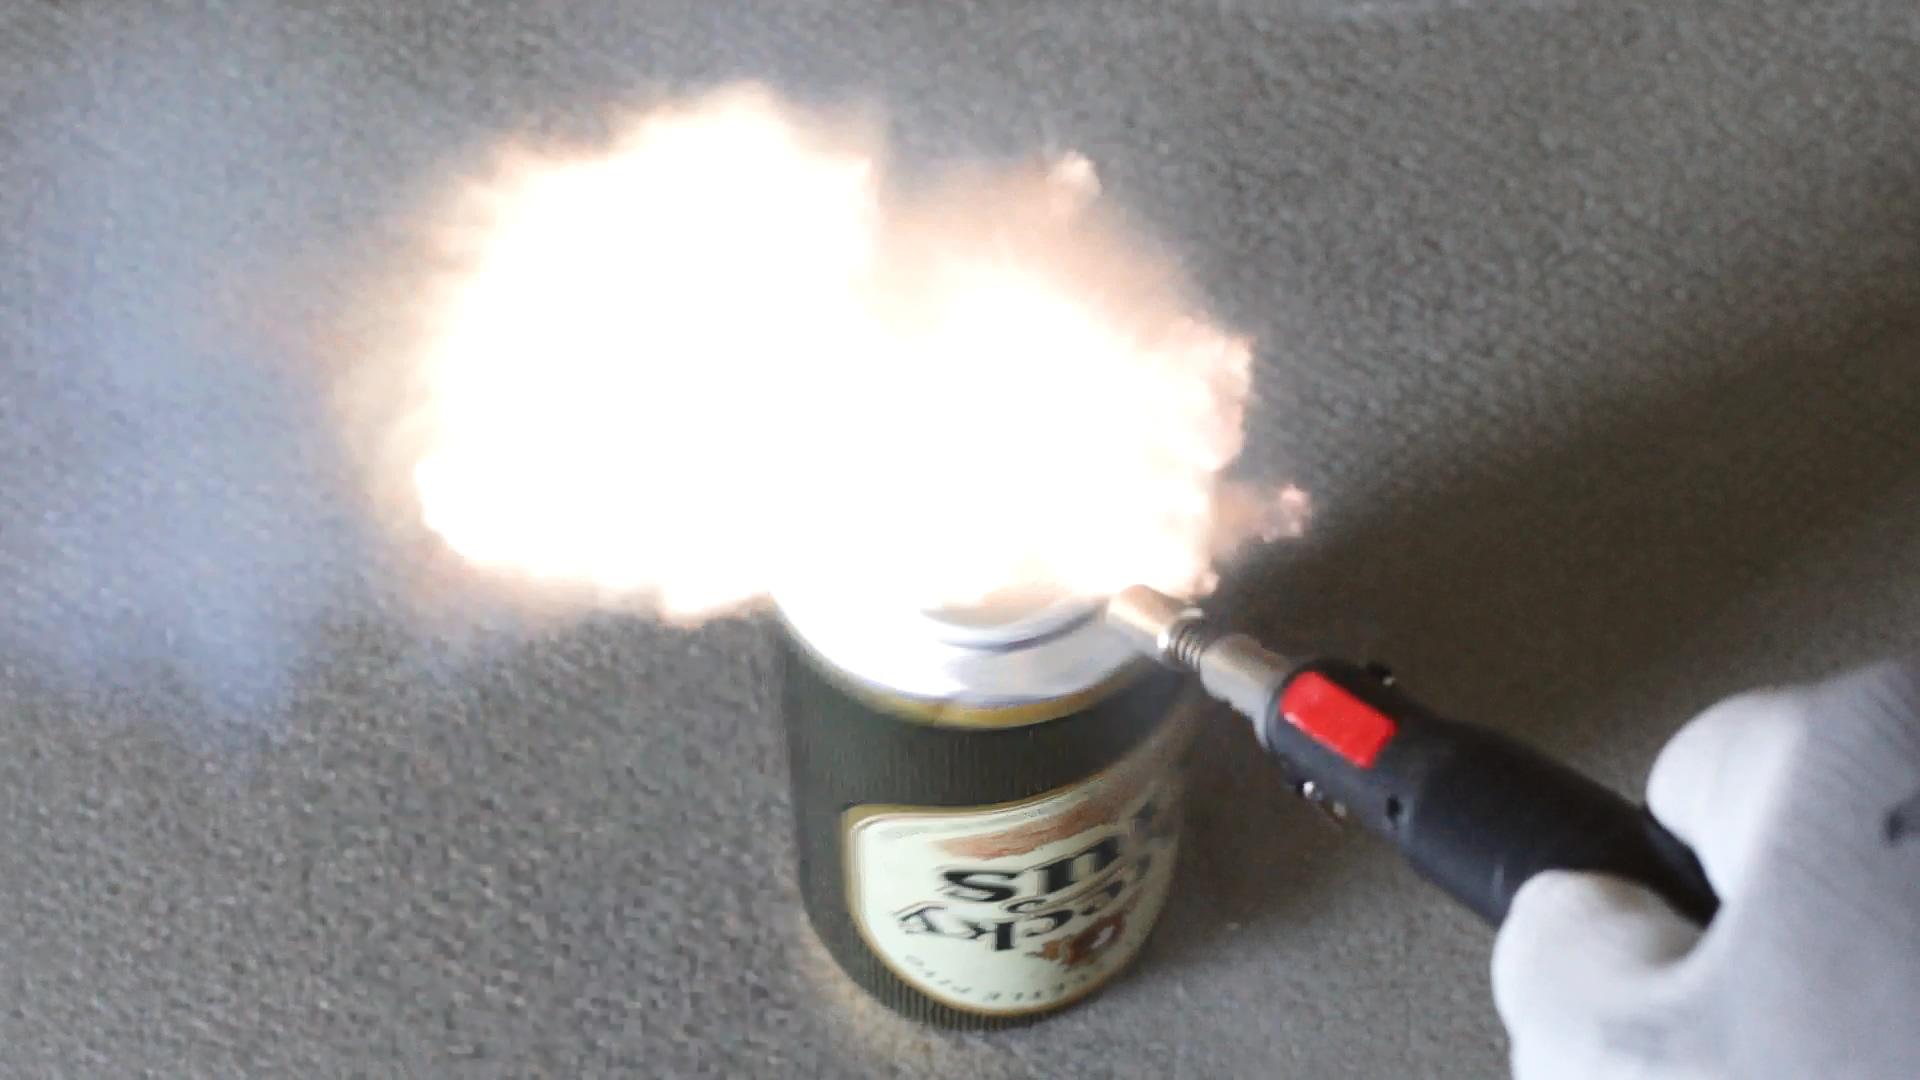 Взрыв тринитрорезорцината свинца